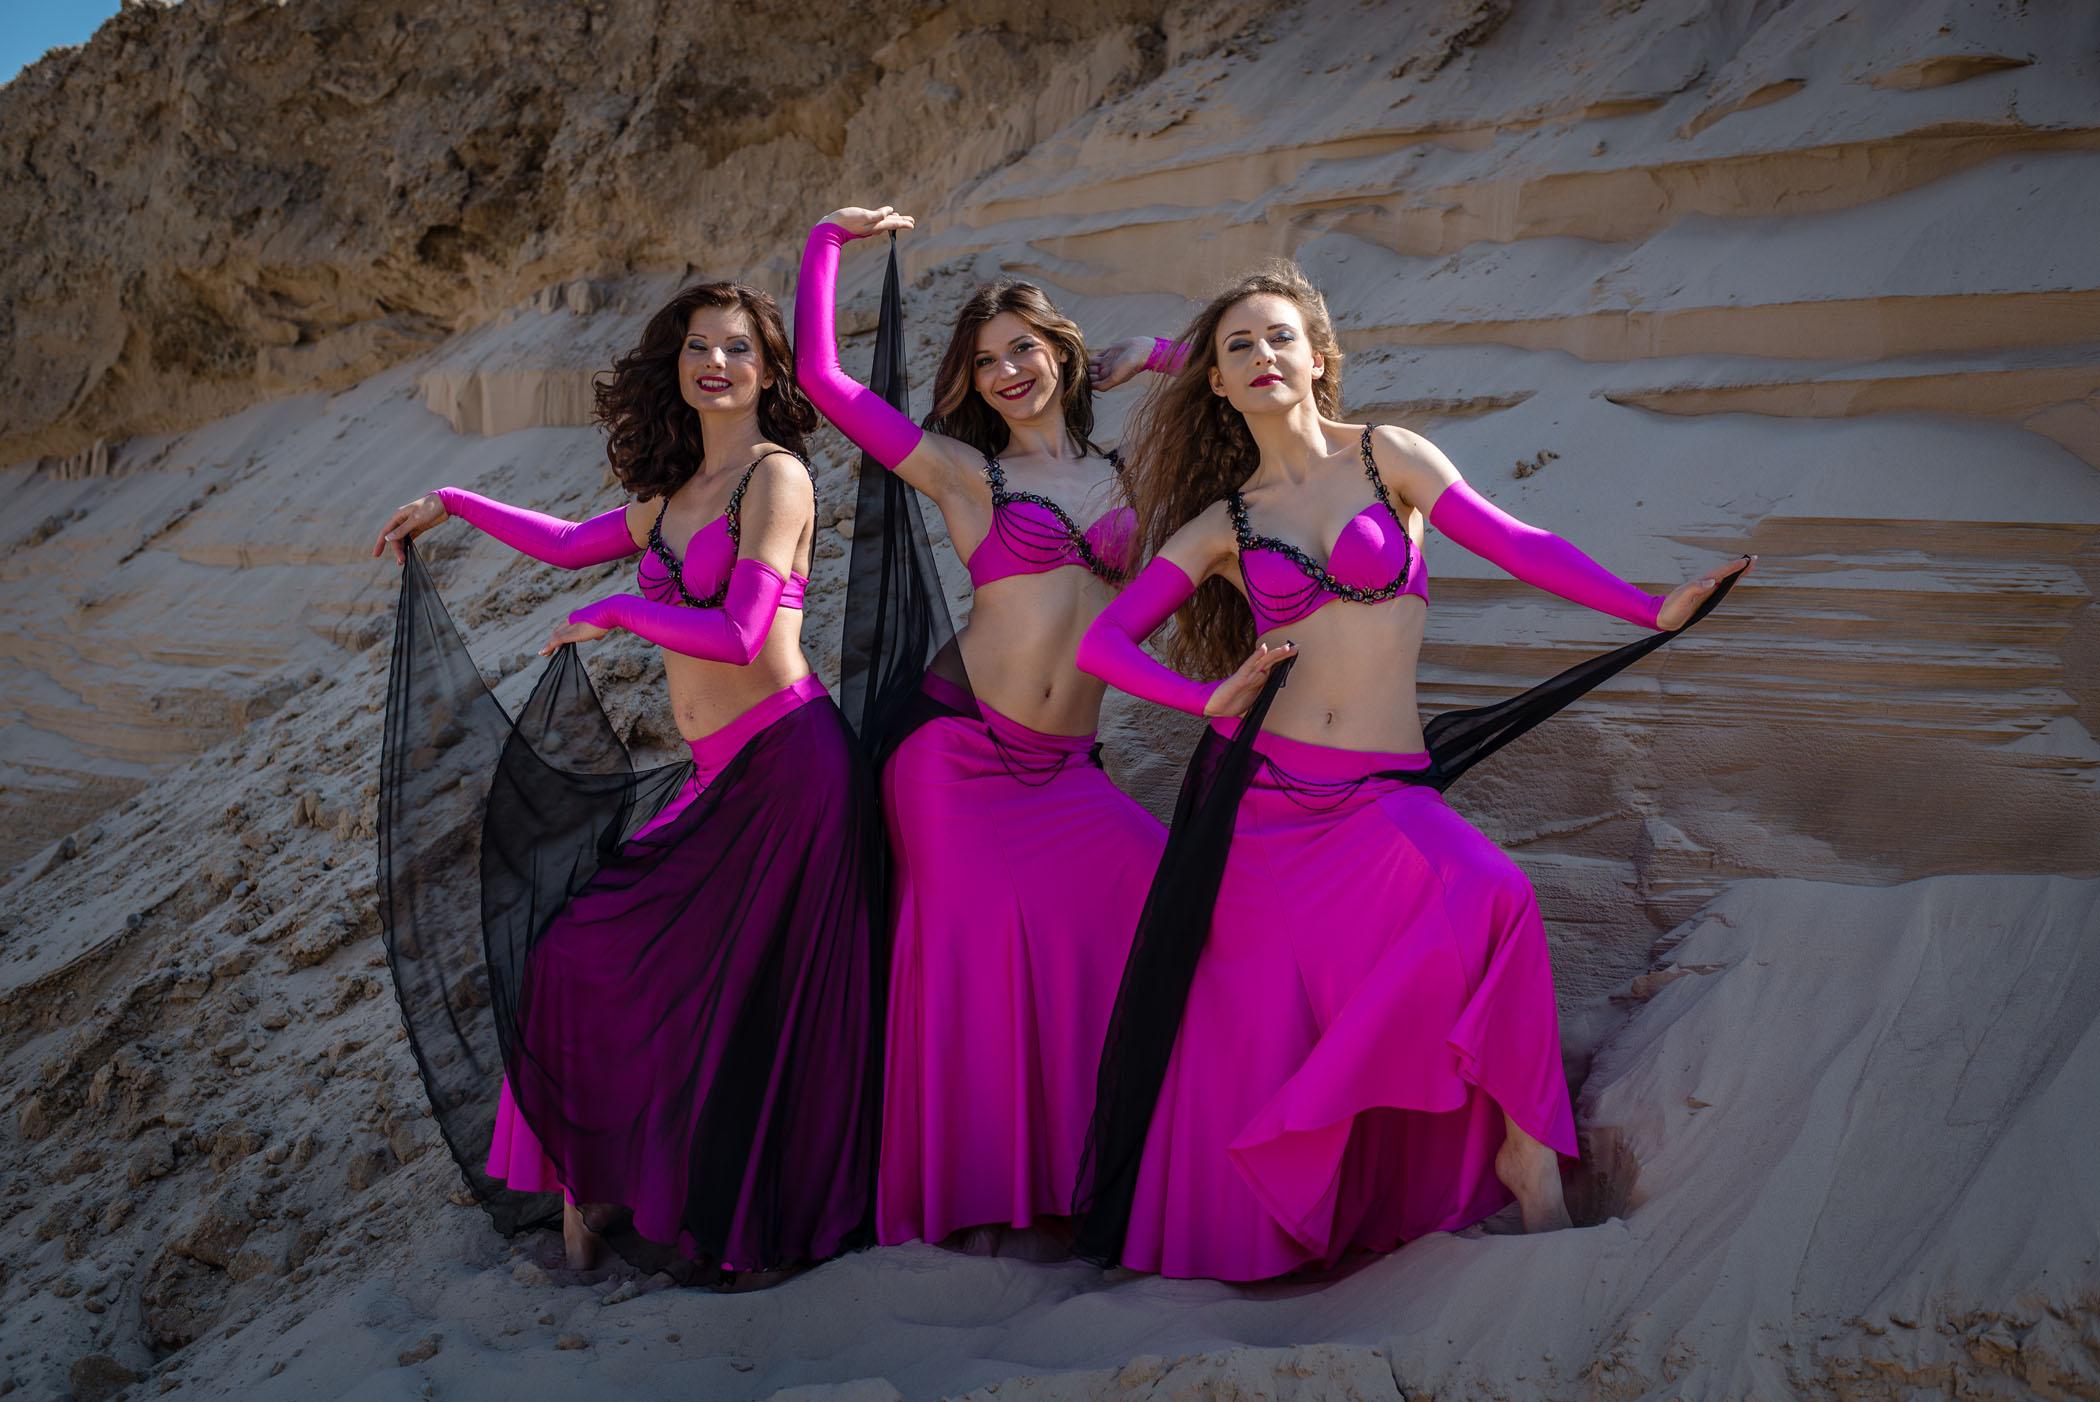 Rytietiškas šokis - šou programa vestuvėms, gimtadieniui, jubiliejui ir kitoms šventėms